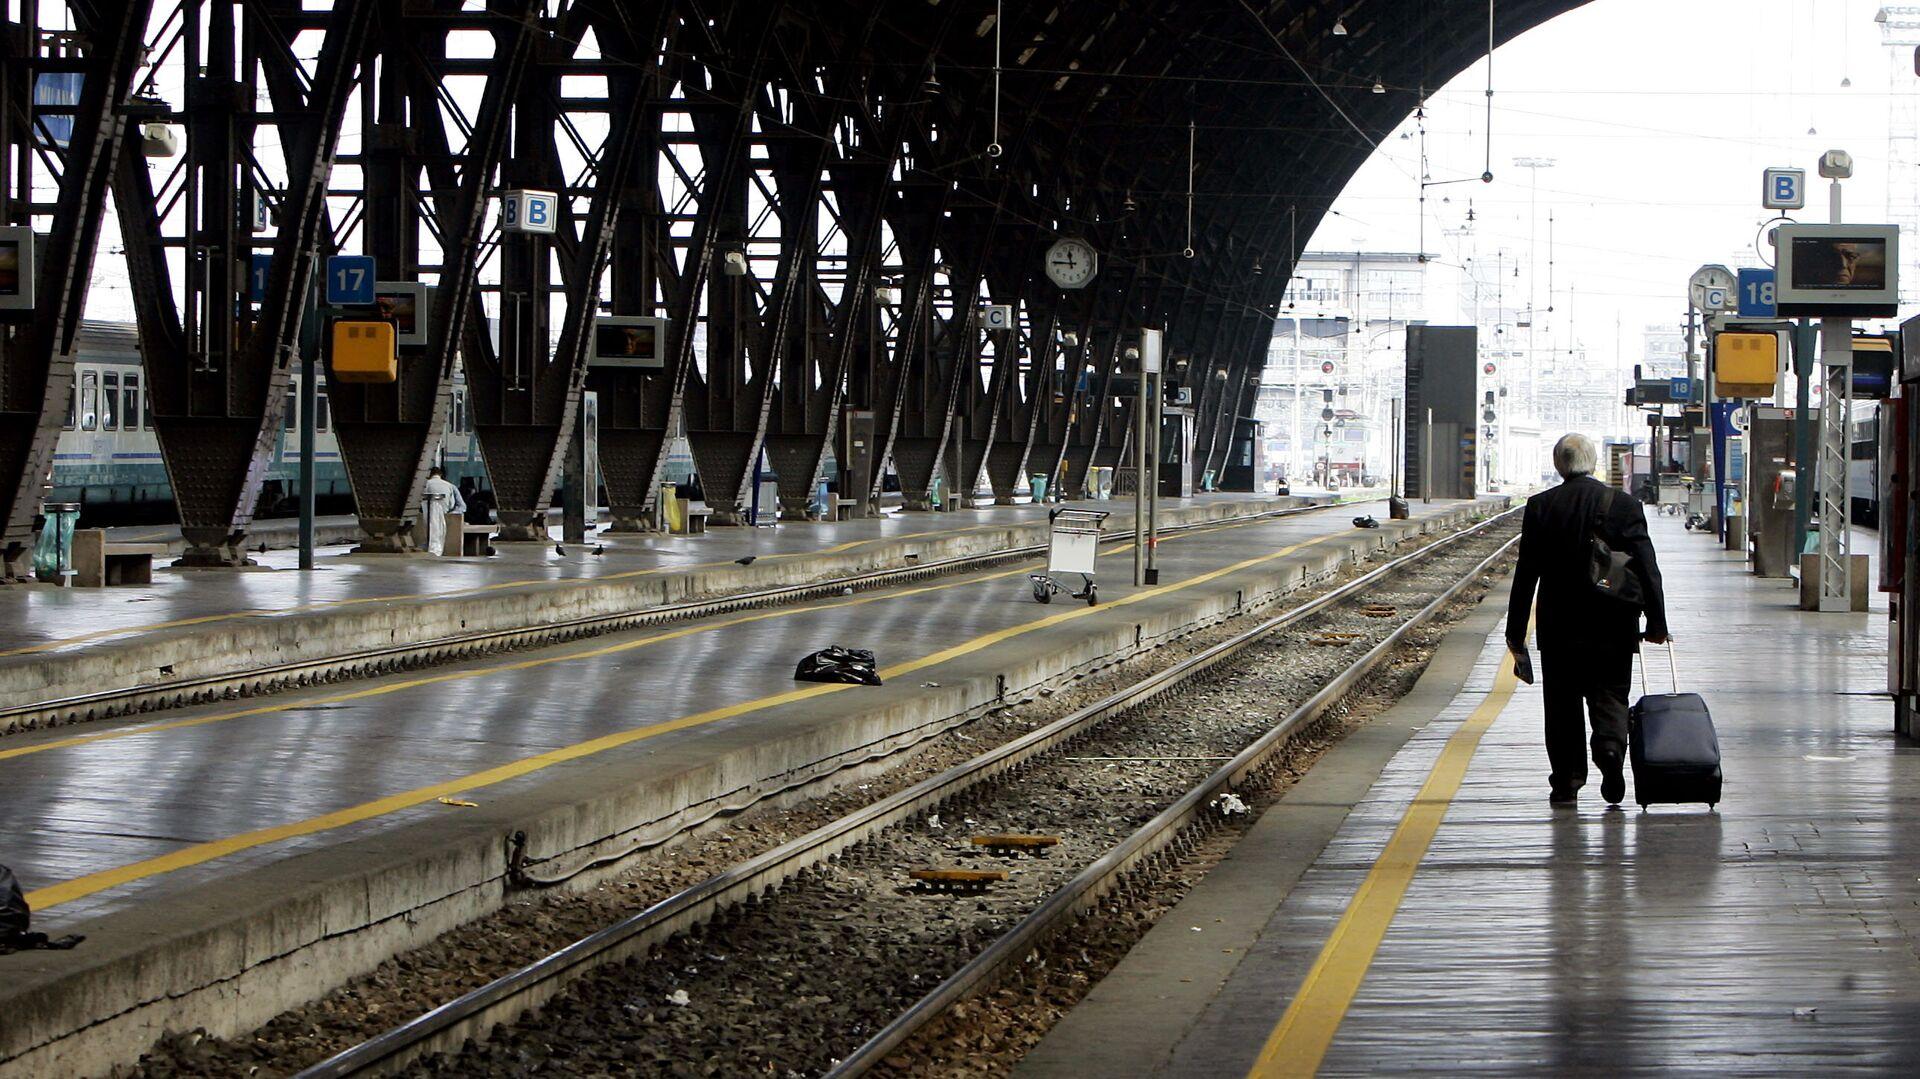 La veduta dei binari vuoti alla stazione Centrale di Milano (foto d'archivio). - Sputnik Italia, 1920, 19.06.2021